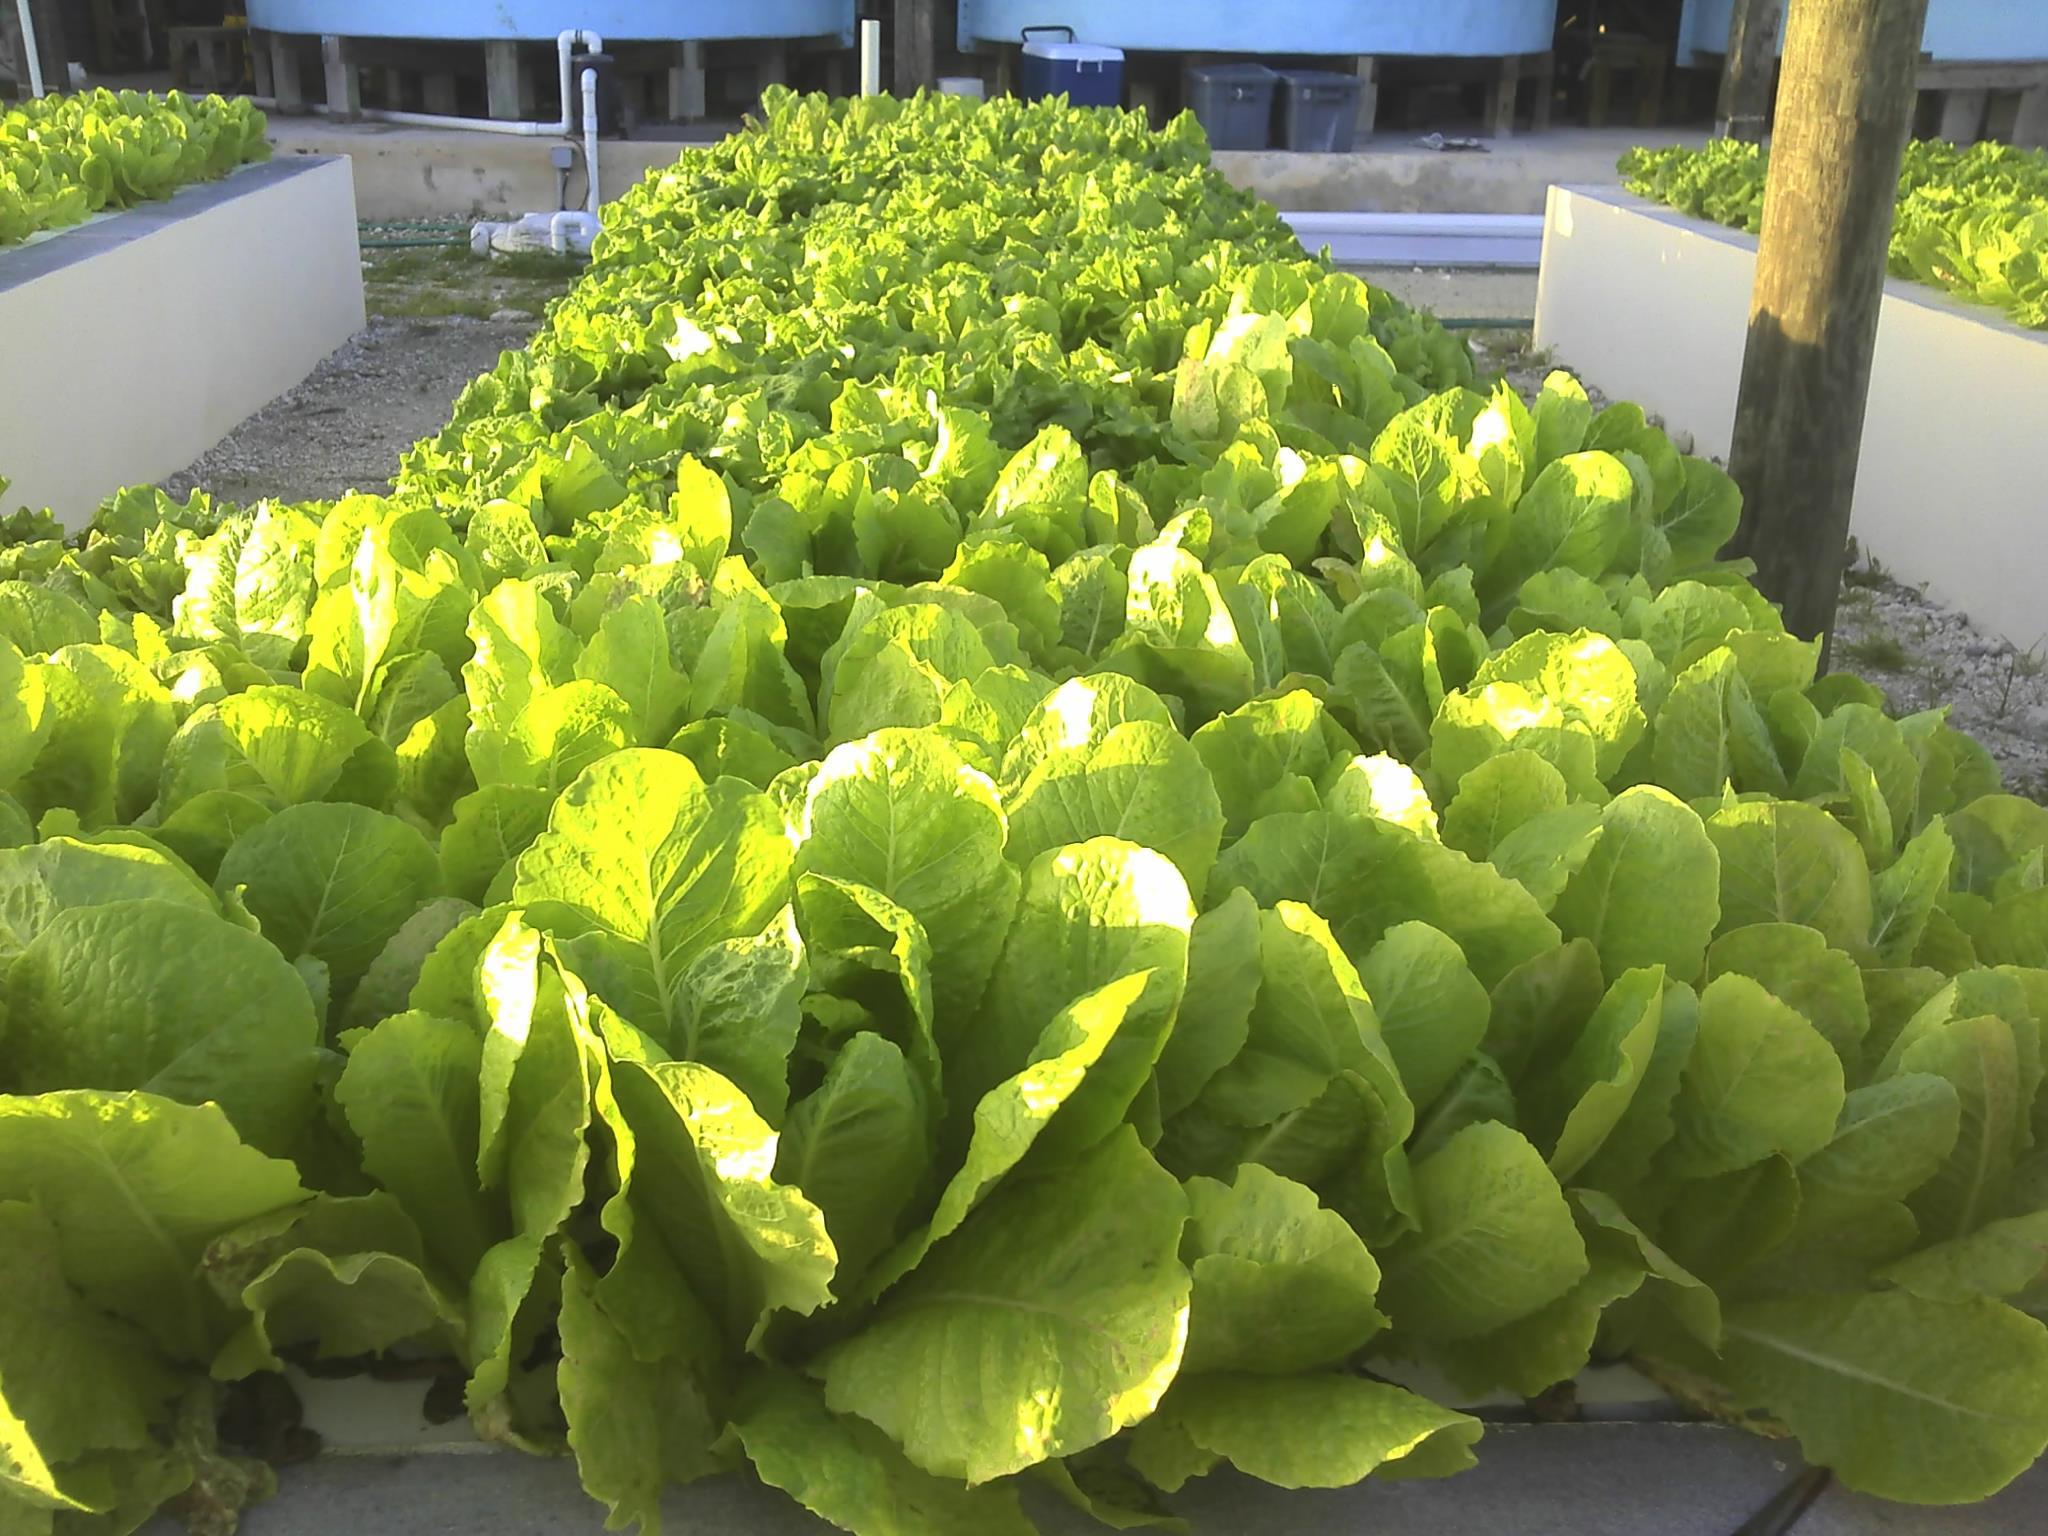 Aquaponics Lettuce Grow Beds, CEI